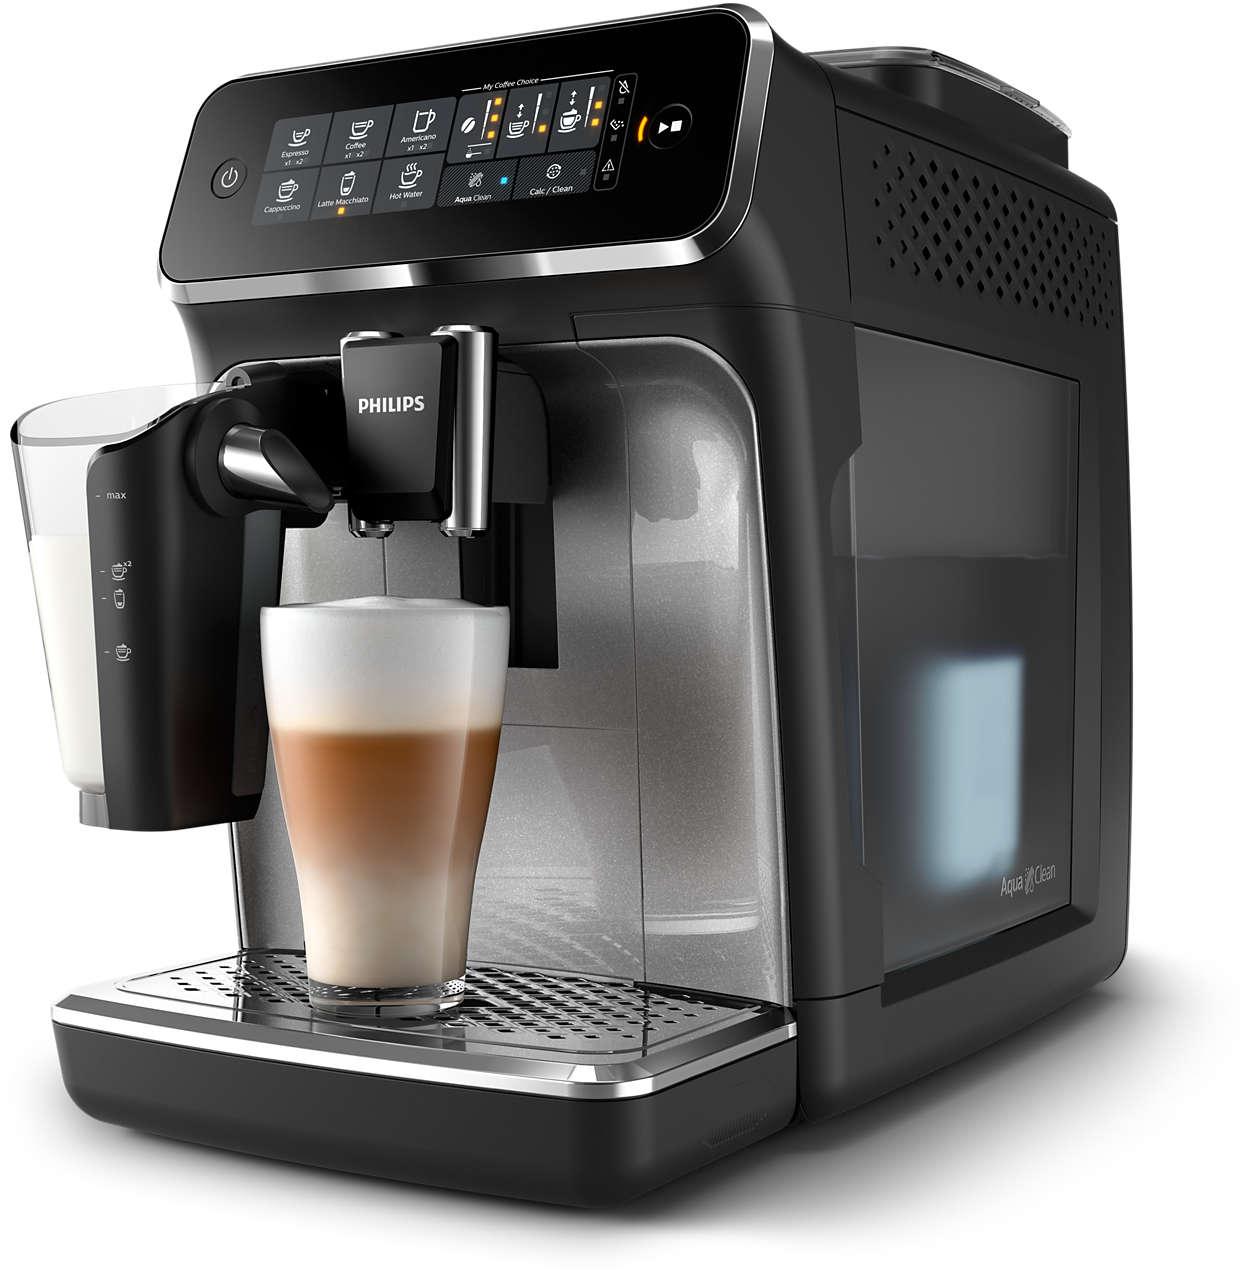 5 bardak taze çekirdekli ve lezzetli kahve hazırlamak çok kolay